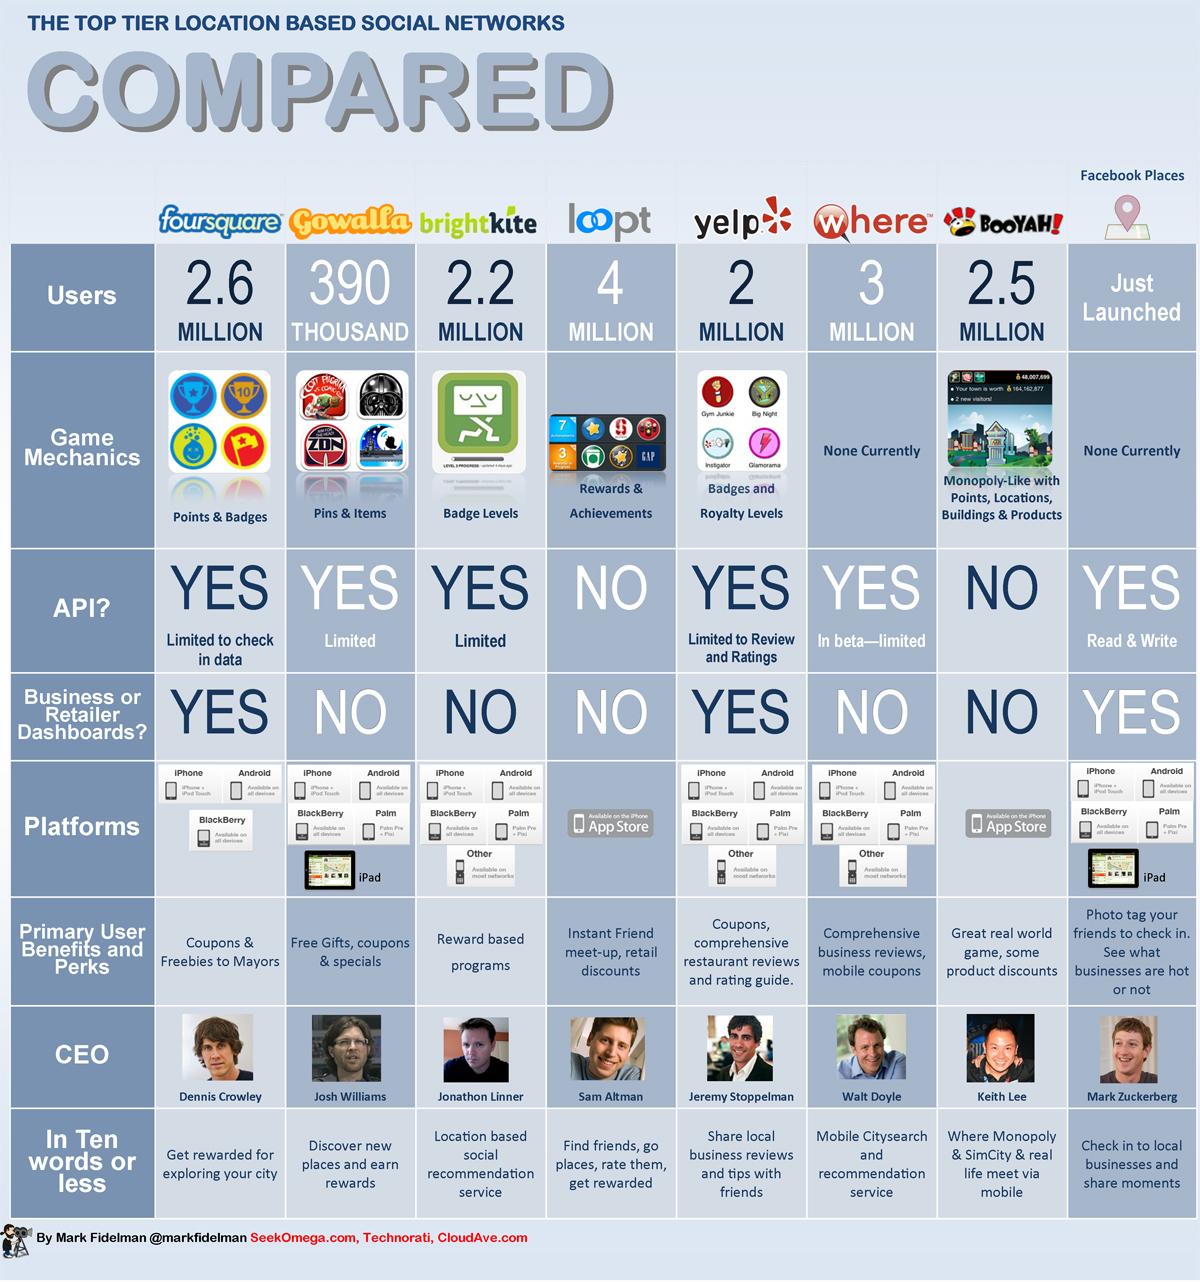 Comparando Foursquare con otras redes de geoposicionamiento